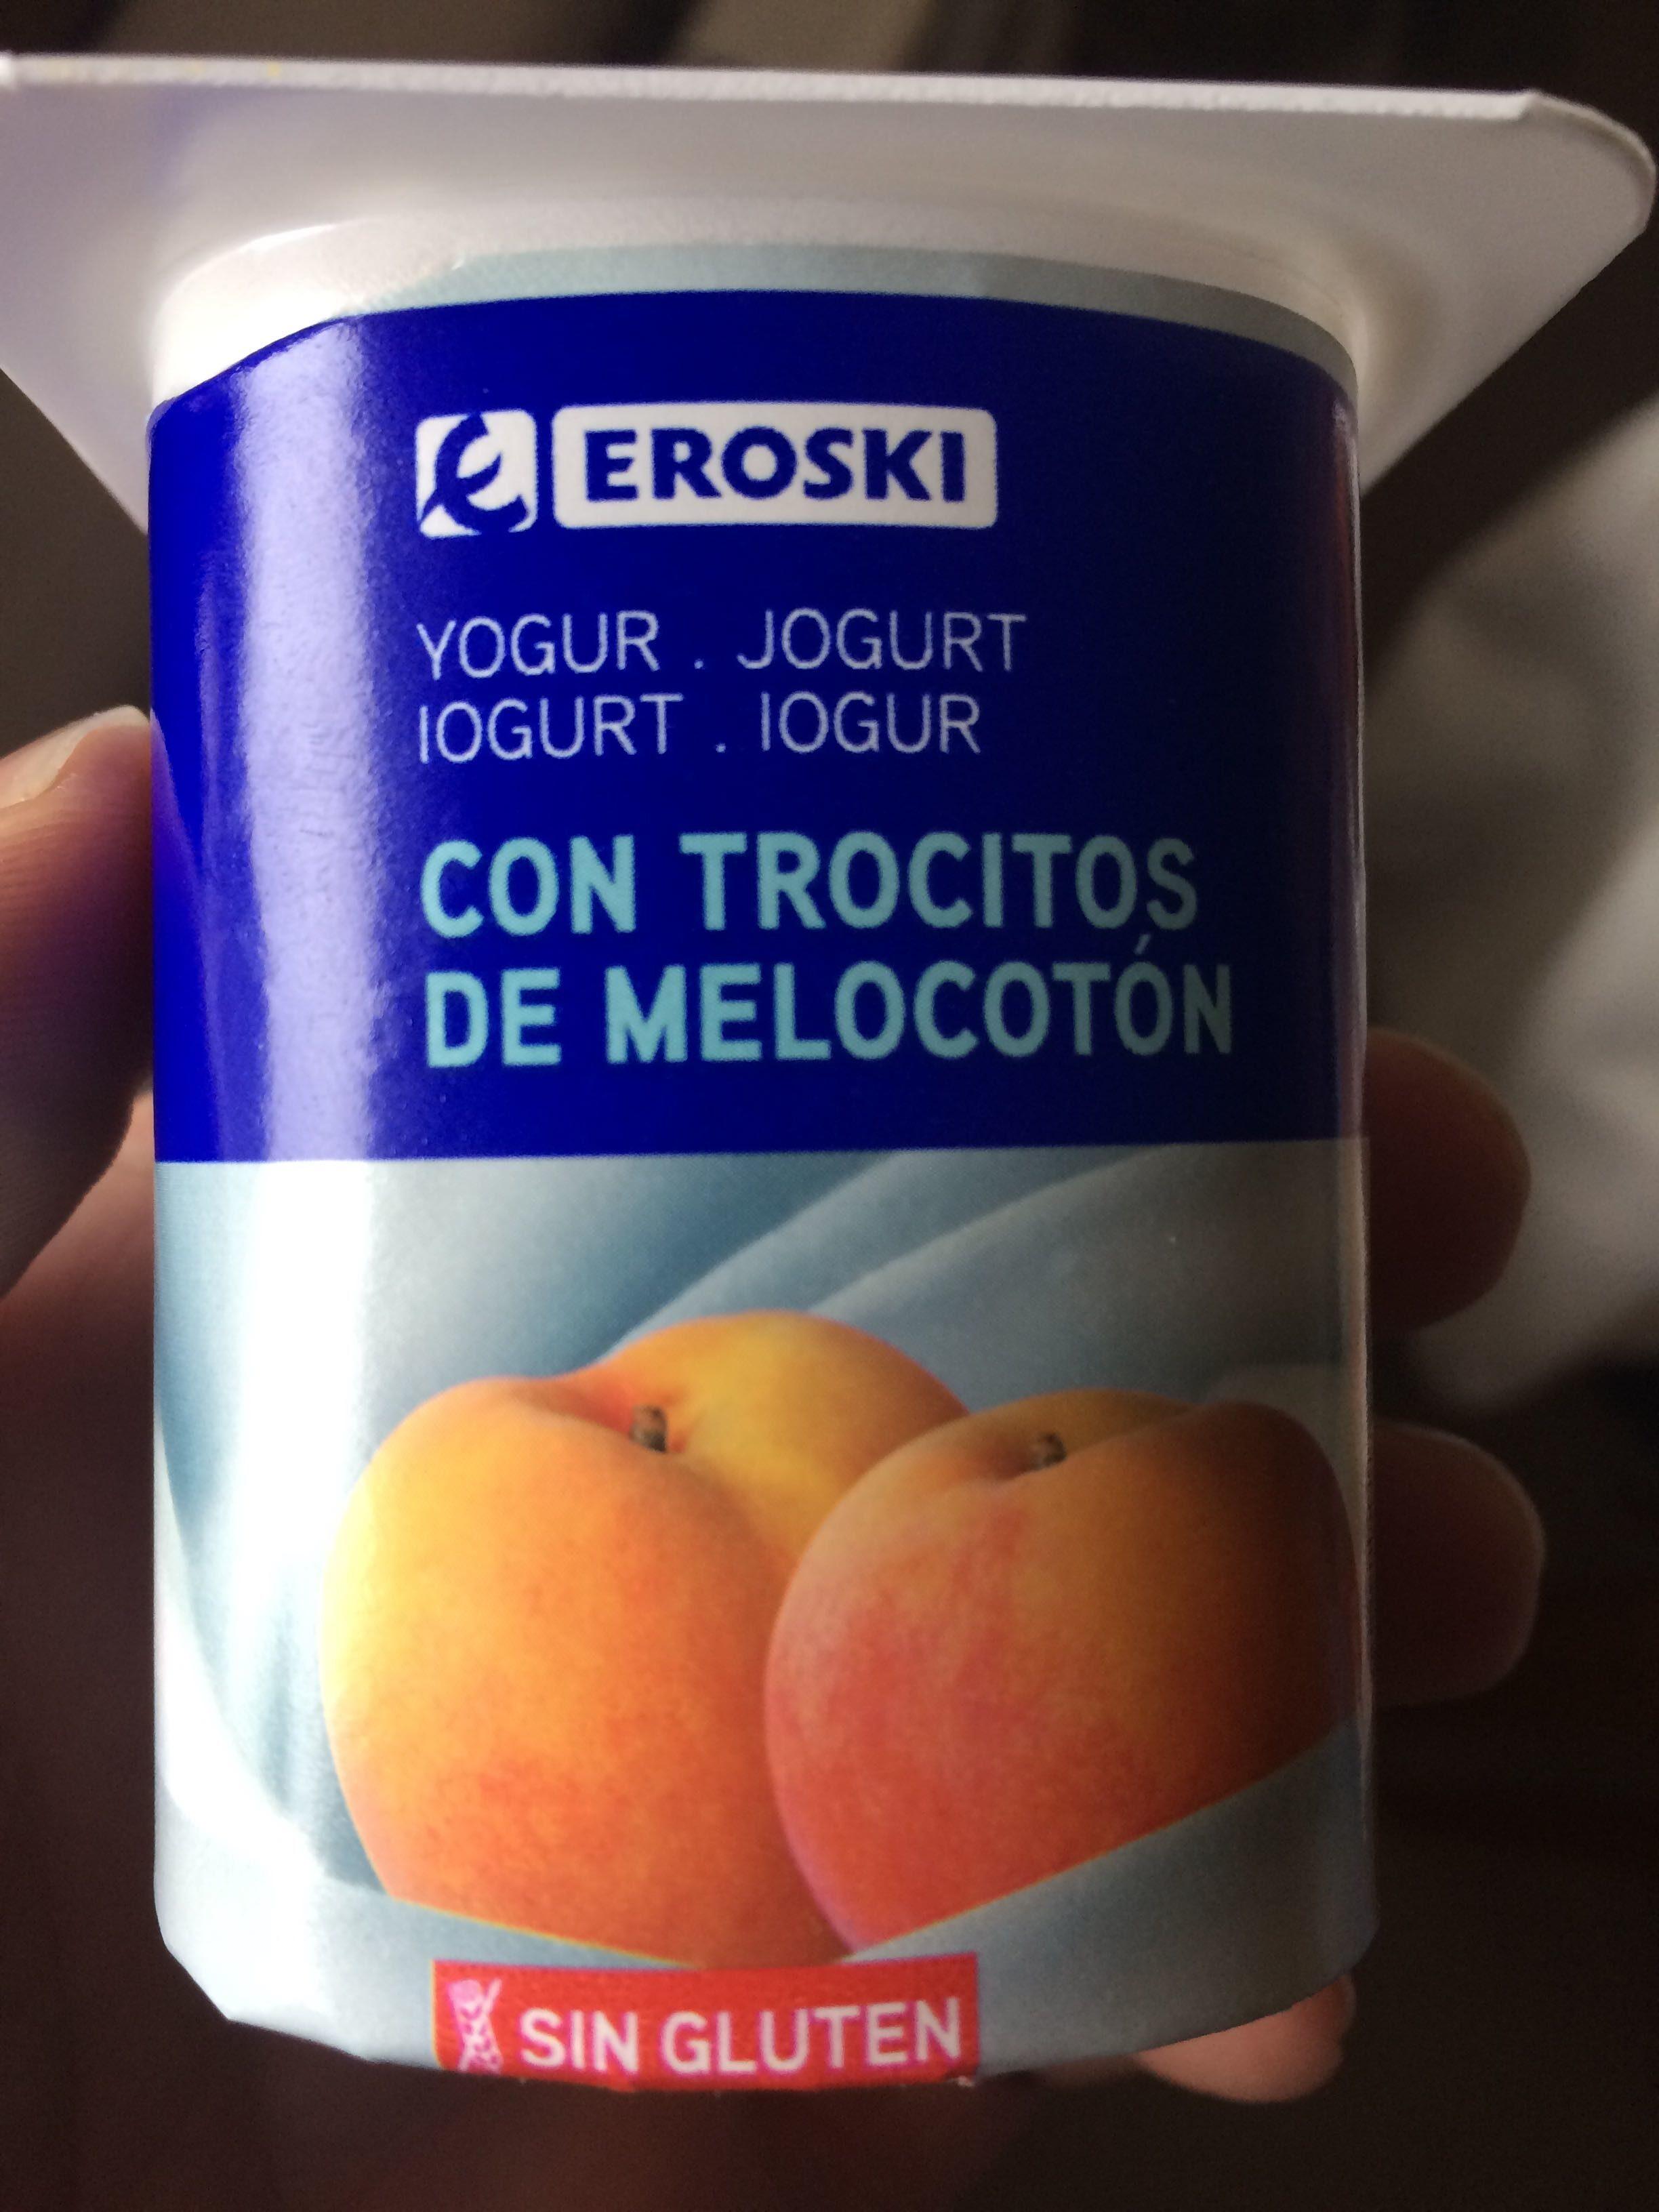 Yogur con trocitos de melocotón - Producto - es